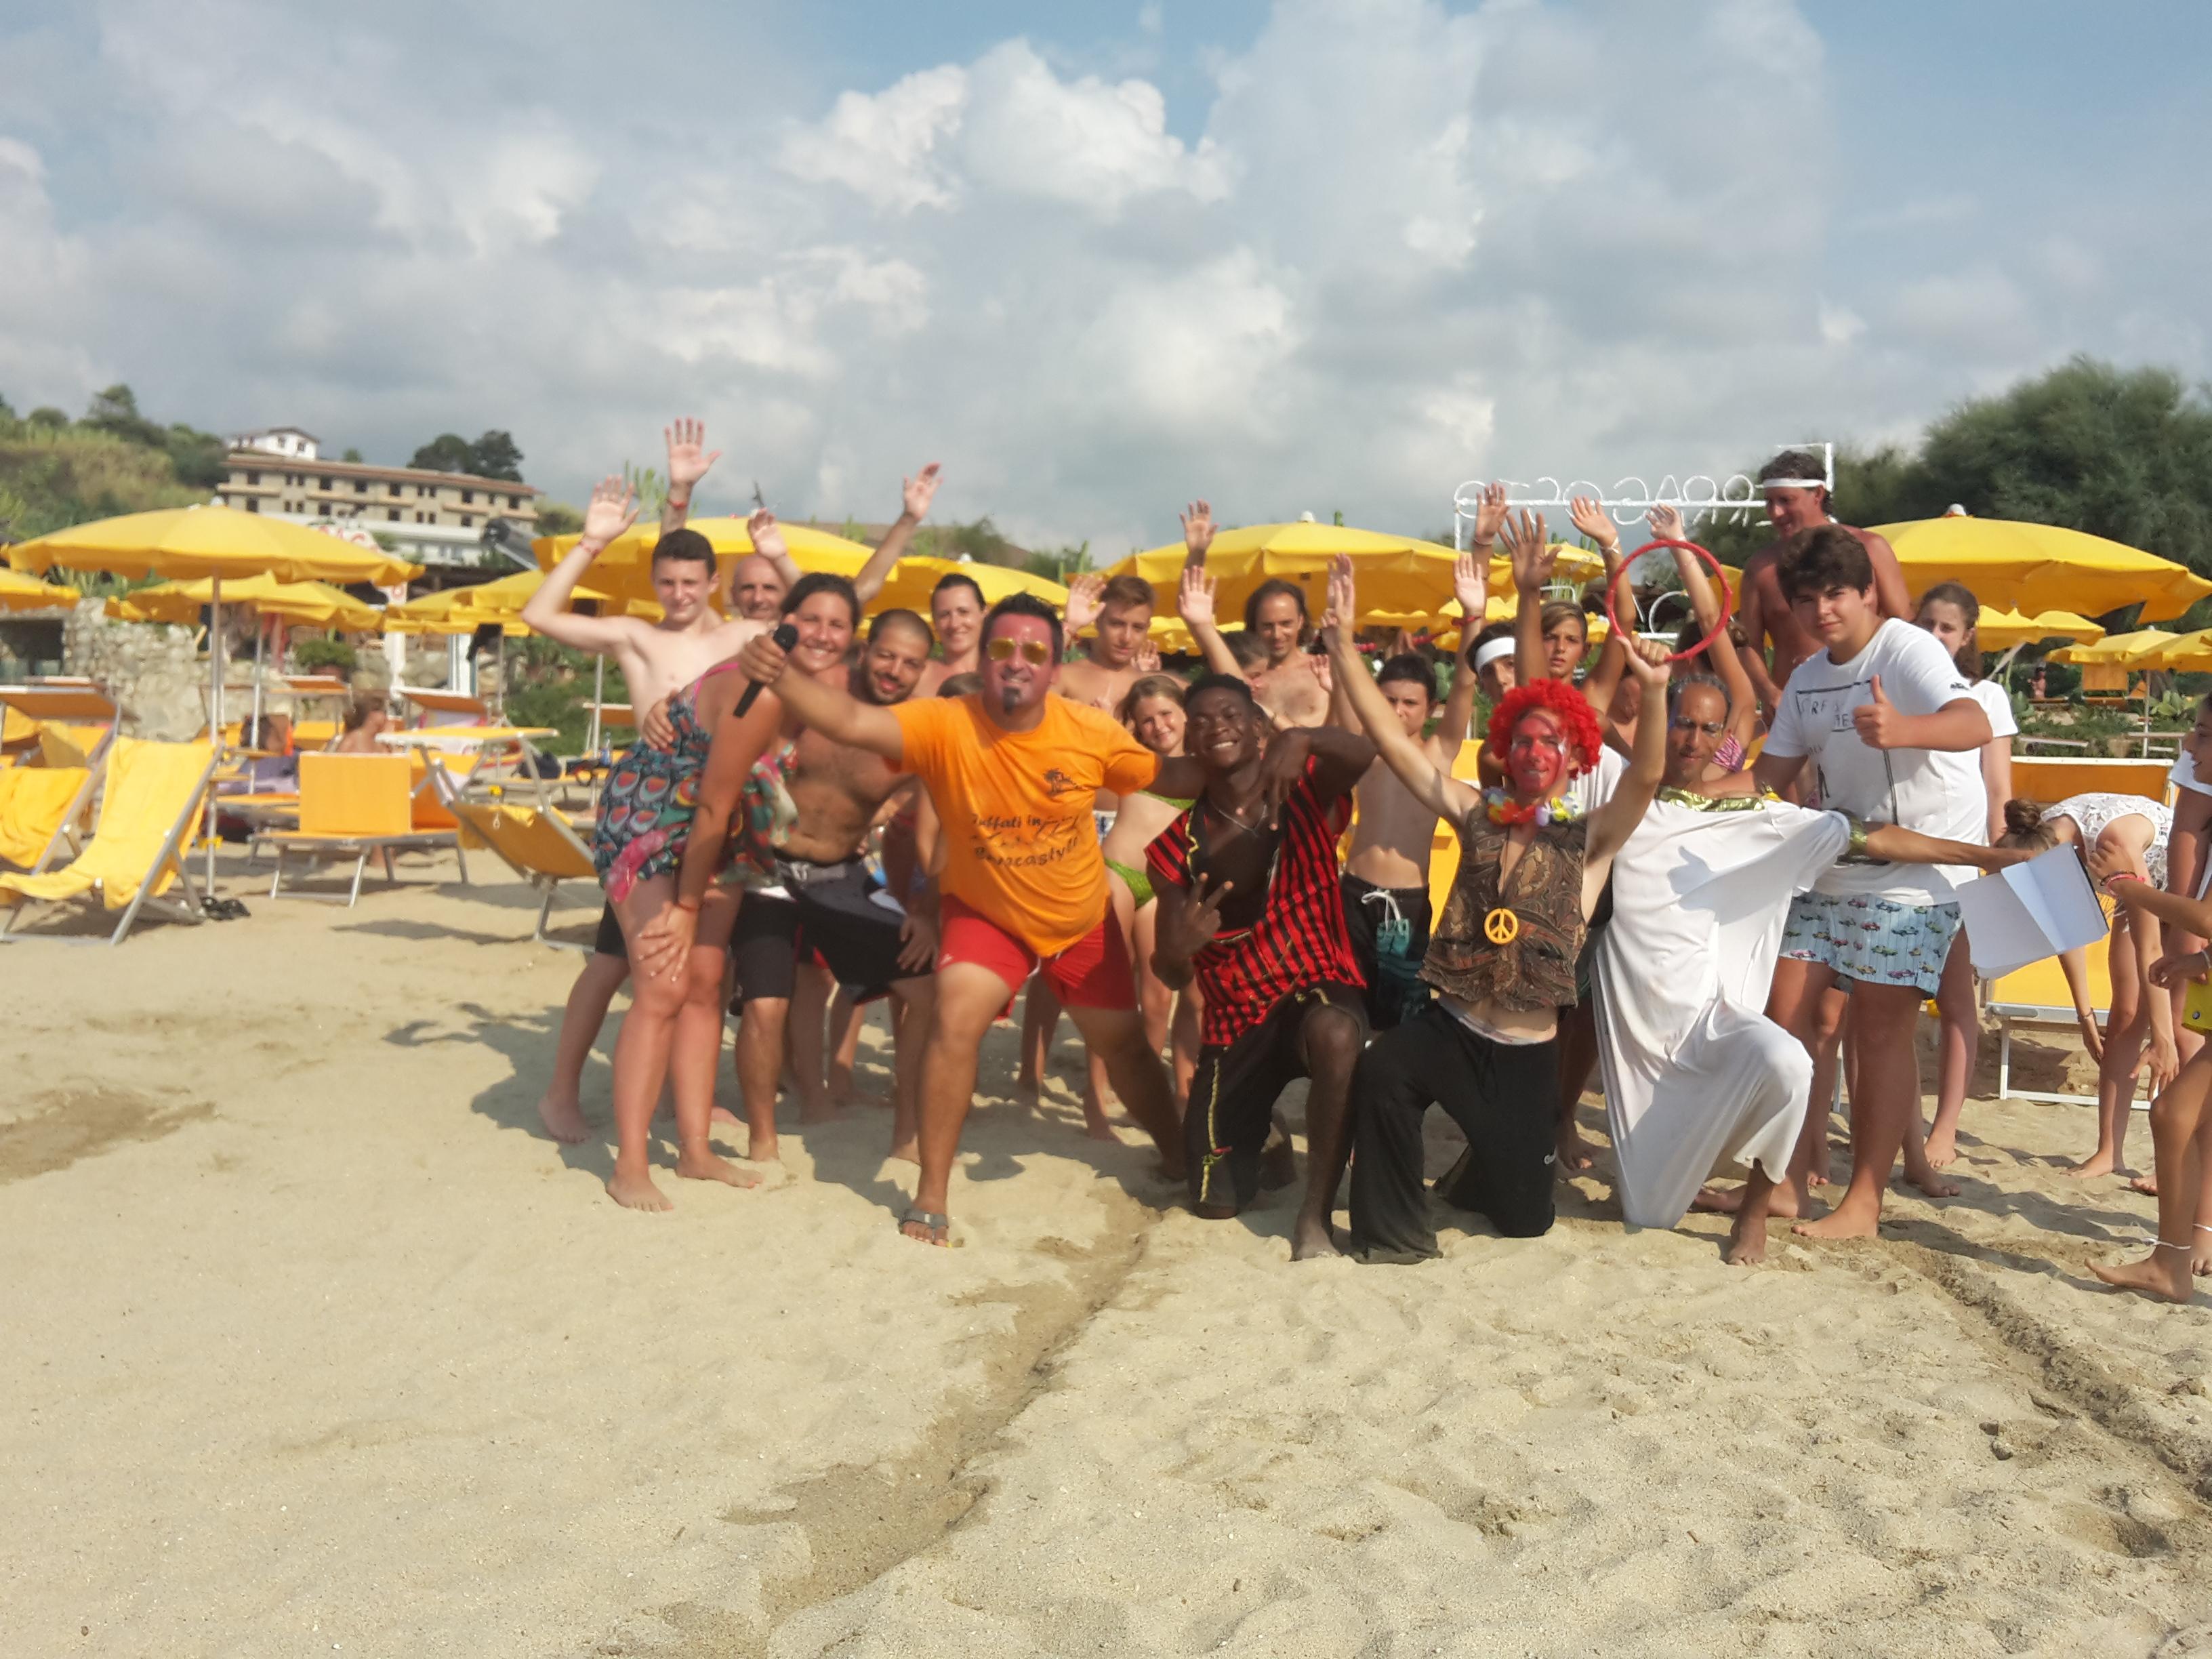 Giochi in spiaggia presso il villaggio turistico